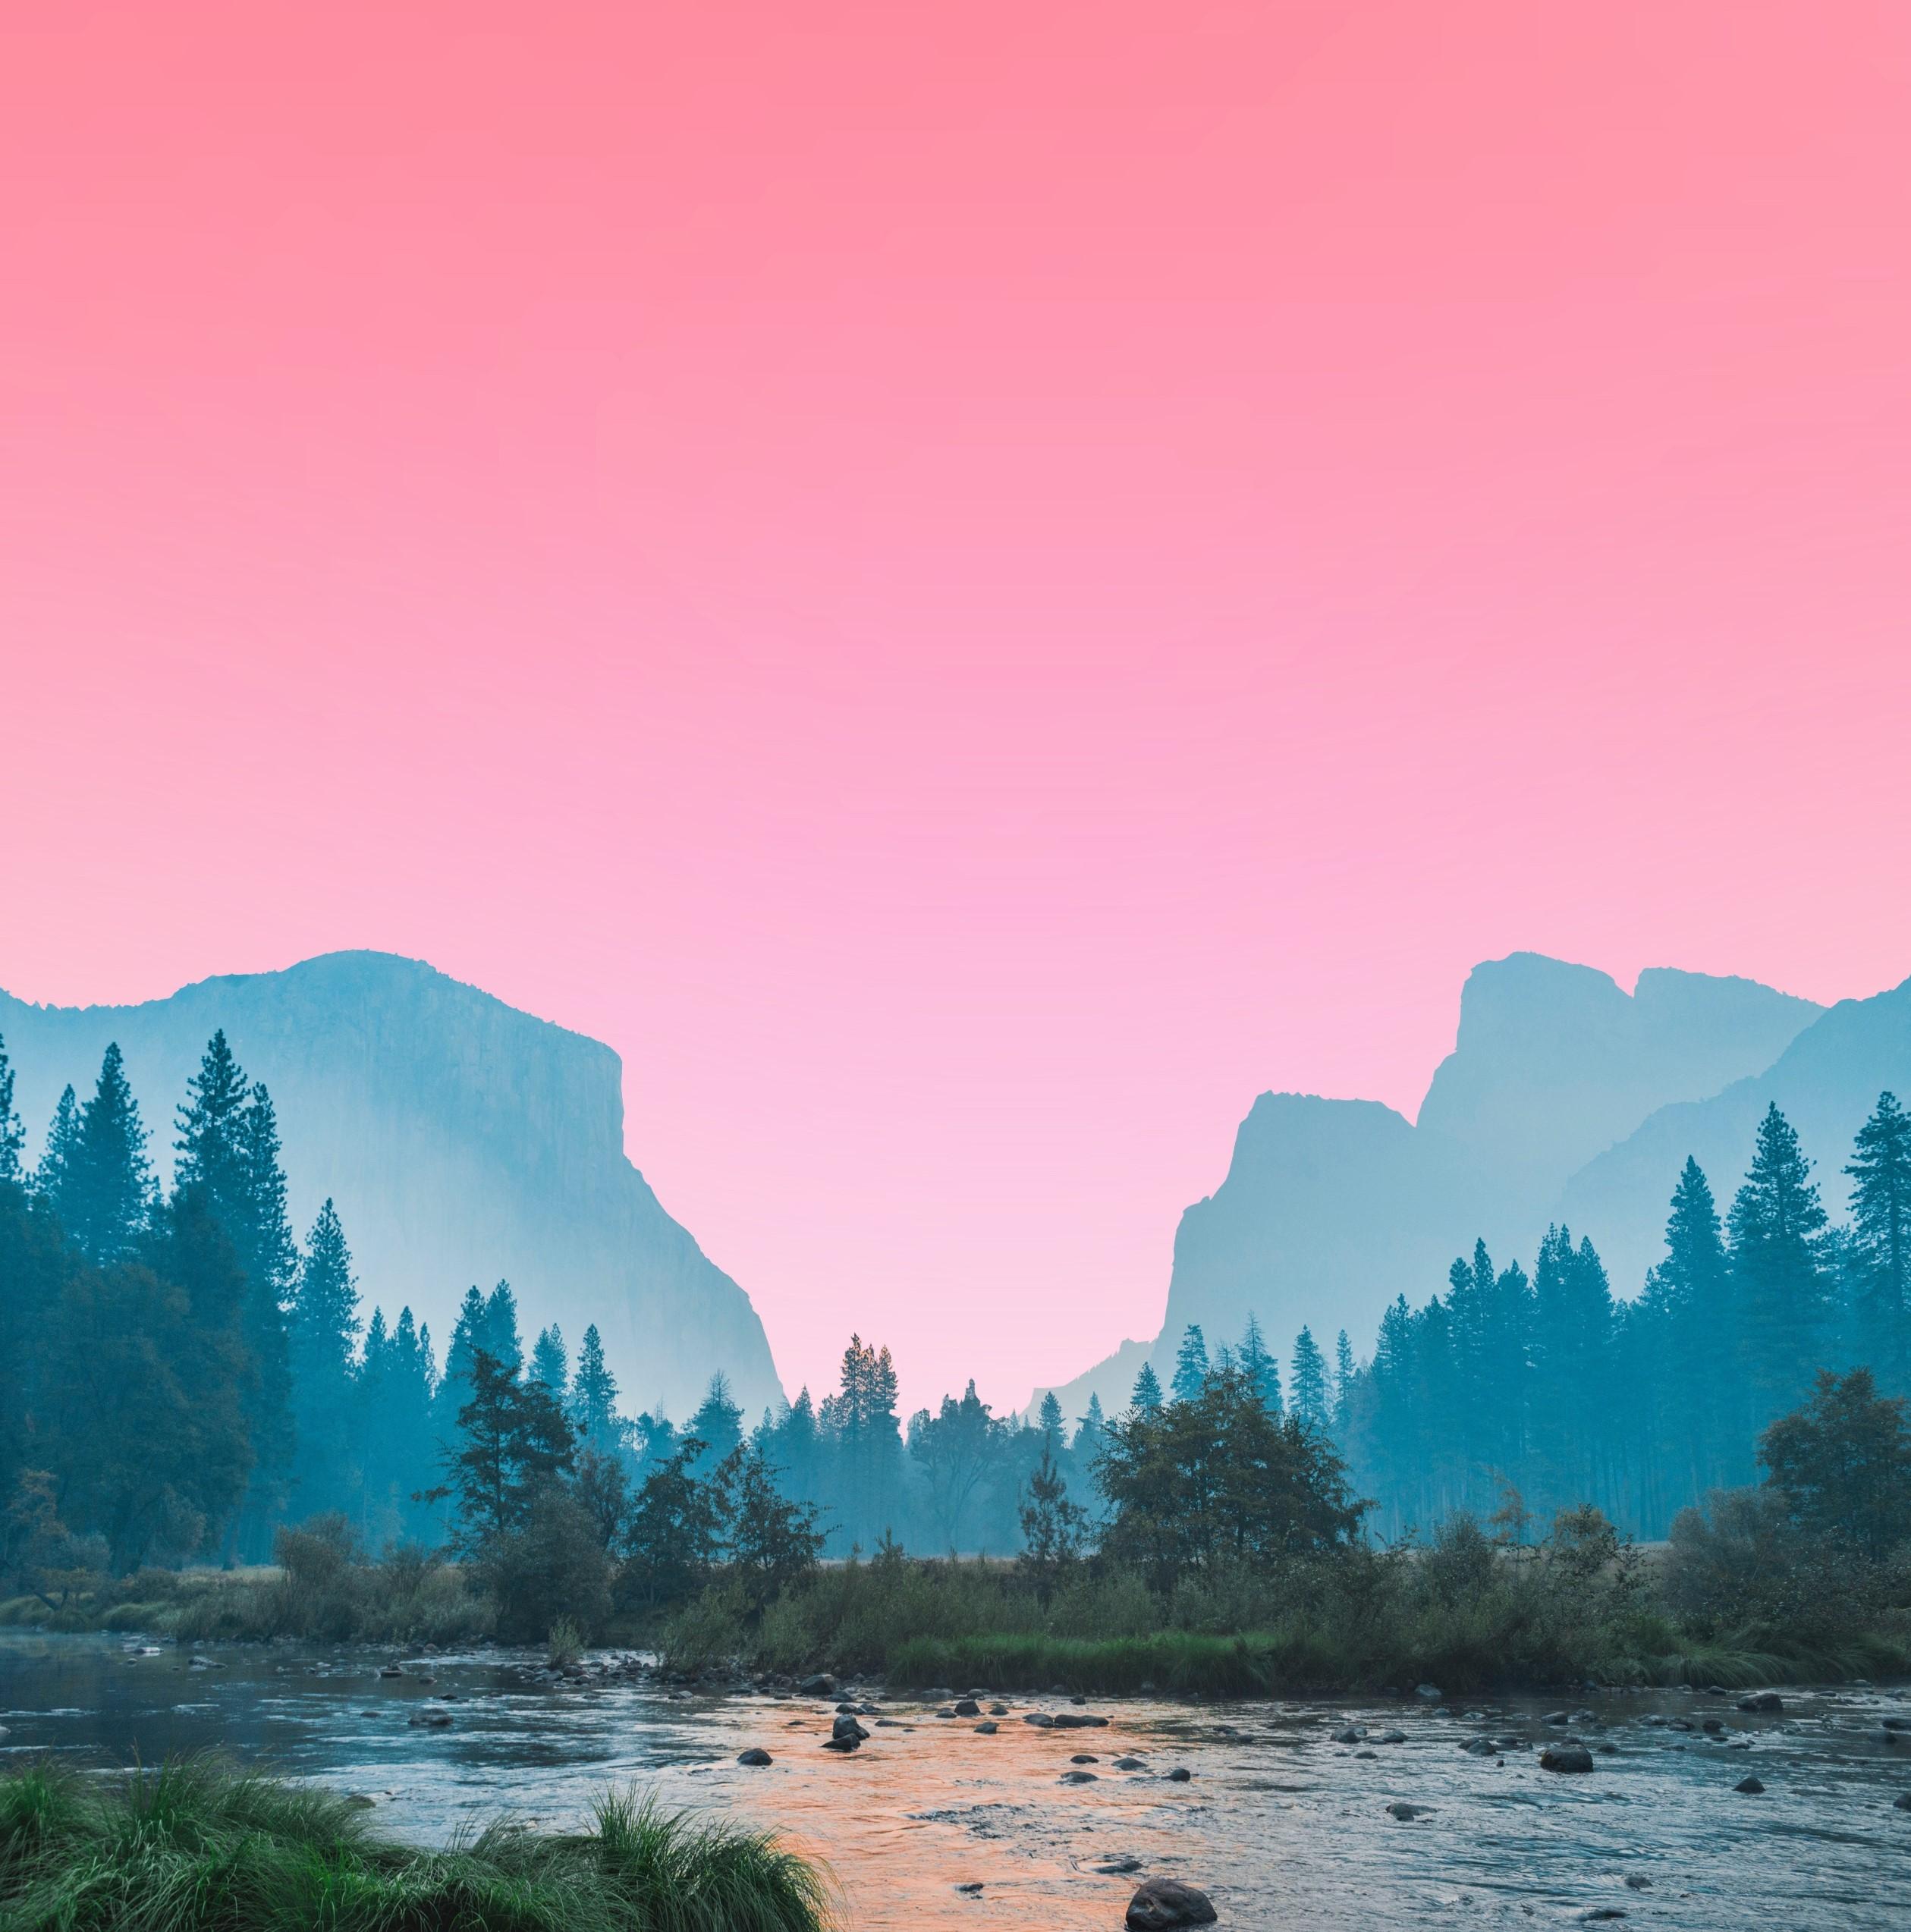 Breathtaking Gradient Valley Landscape